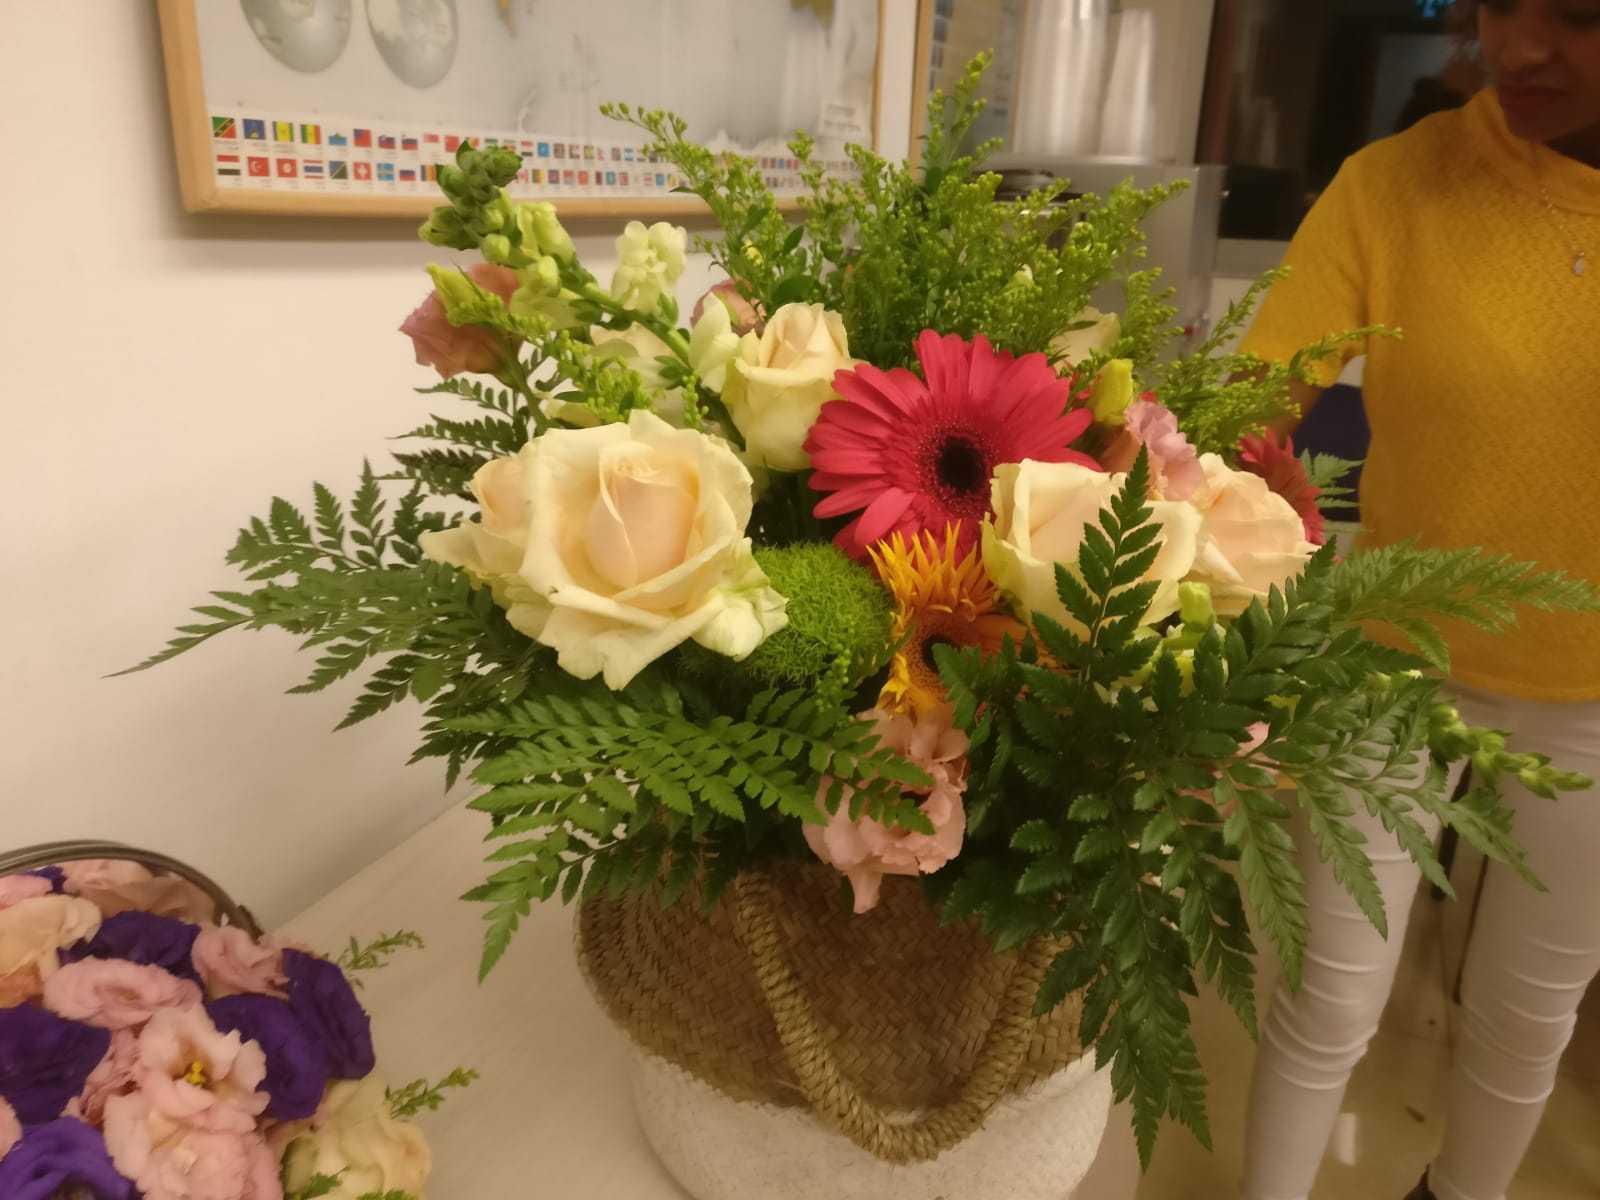 גלרייה - שיעור שזירת פרחים - קורס הפקת אירועים מחזור 23, 22 מתוך 32